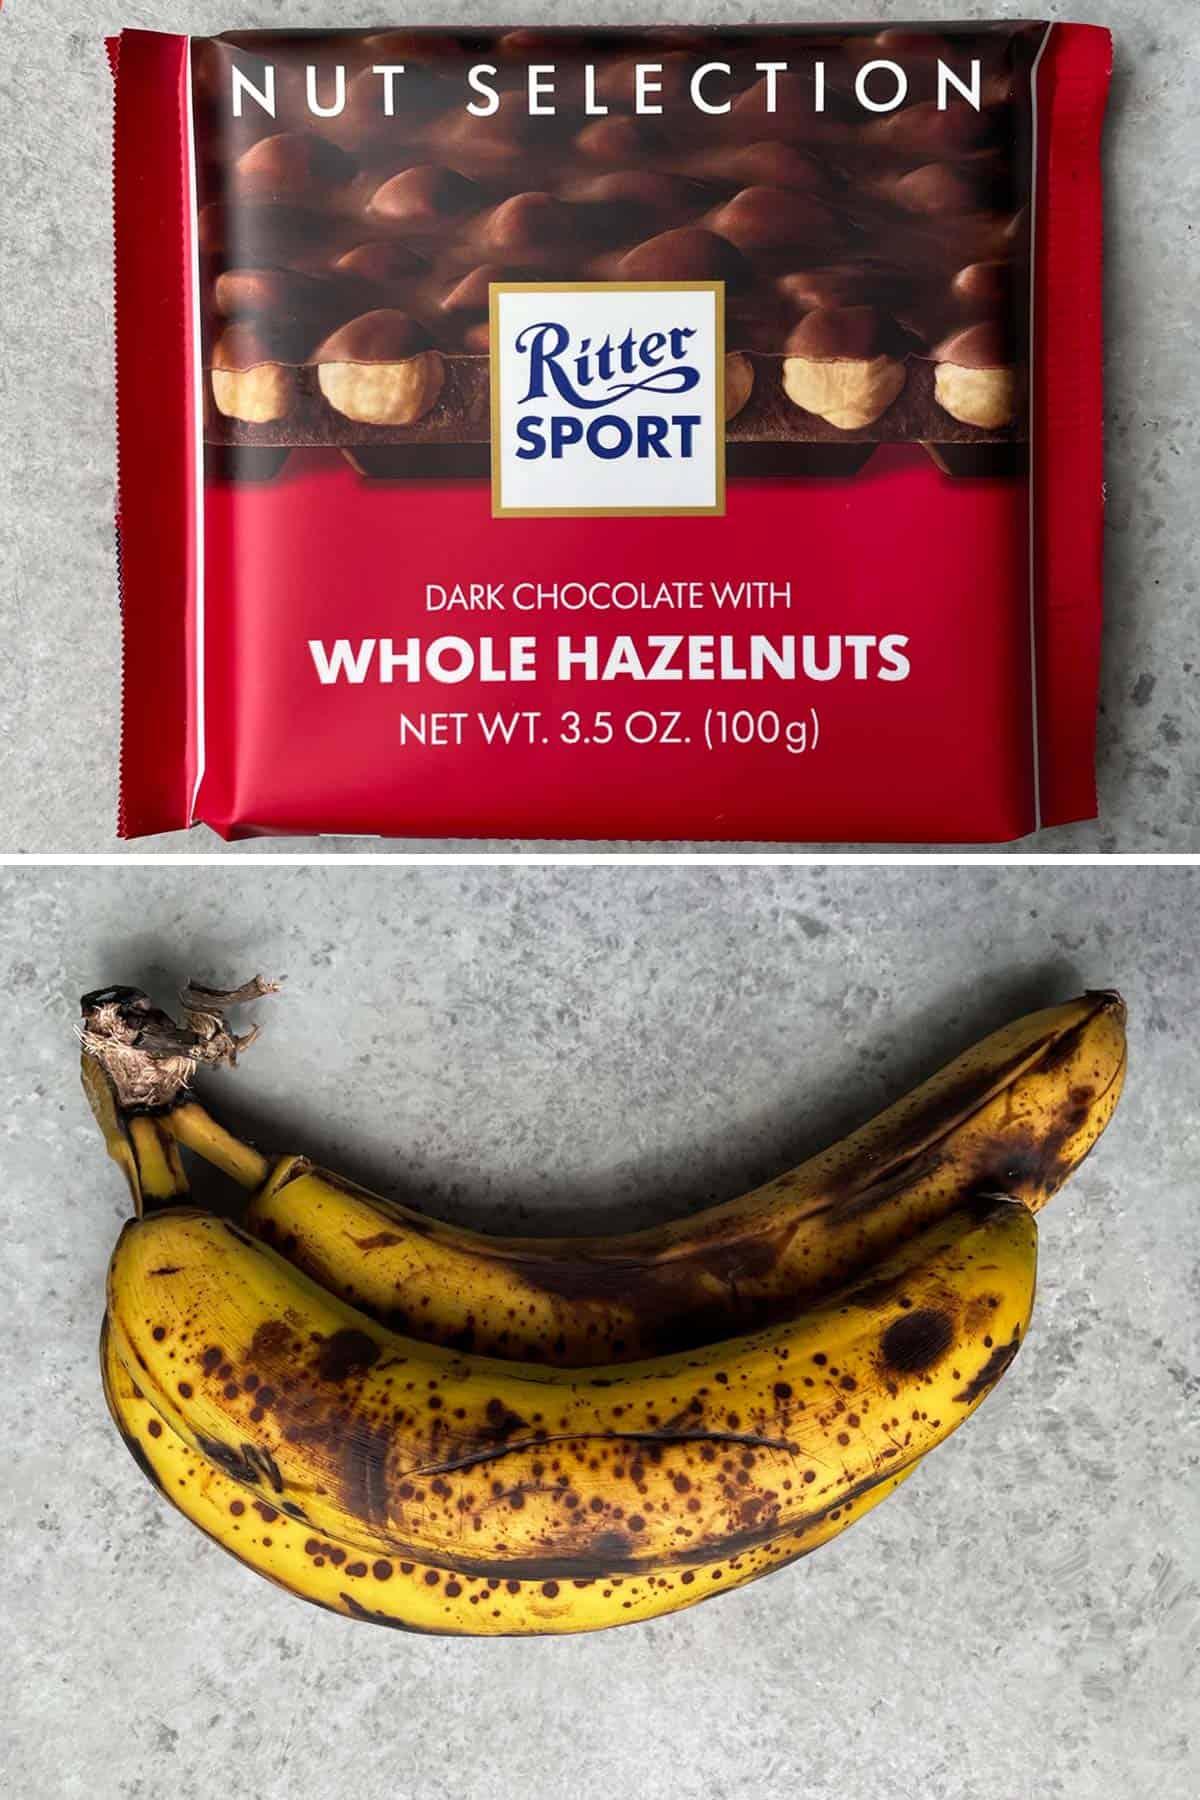 Choco-Hazelnut Banana Bread